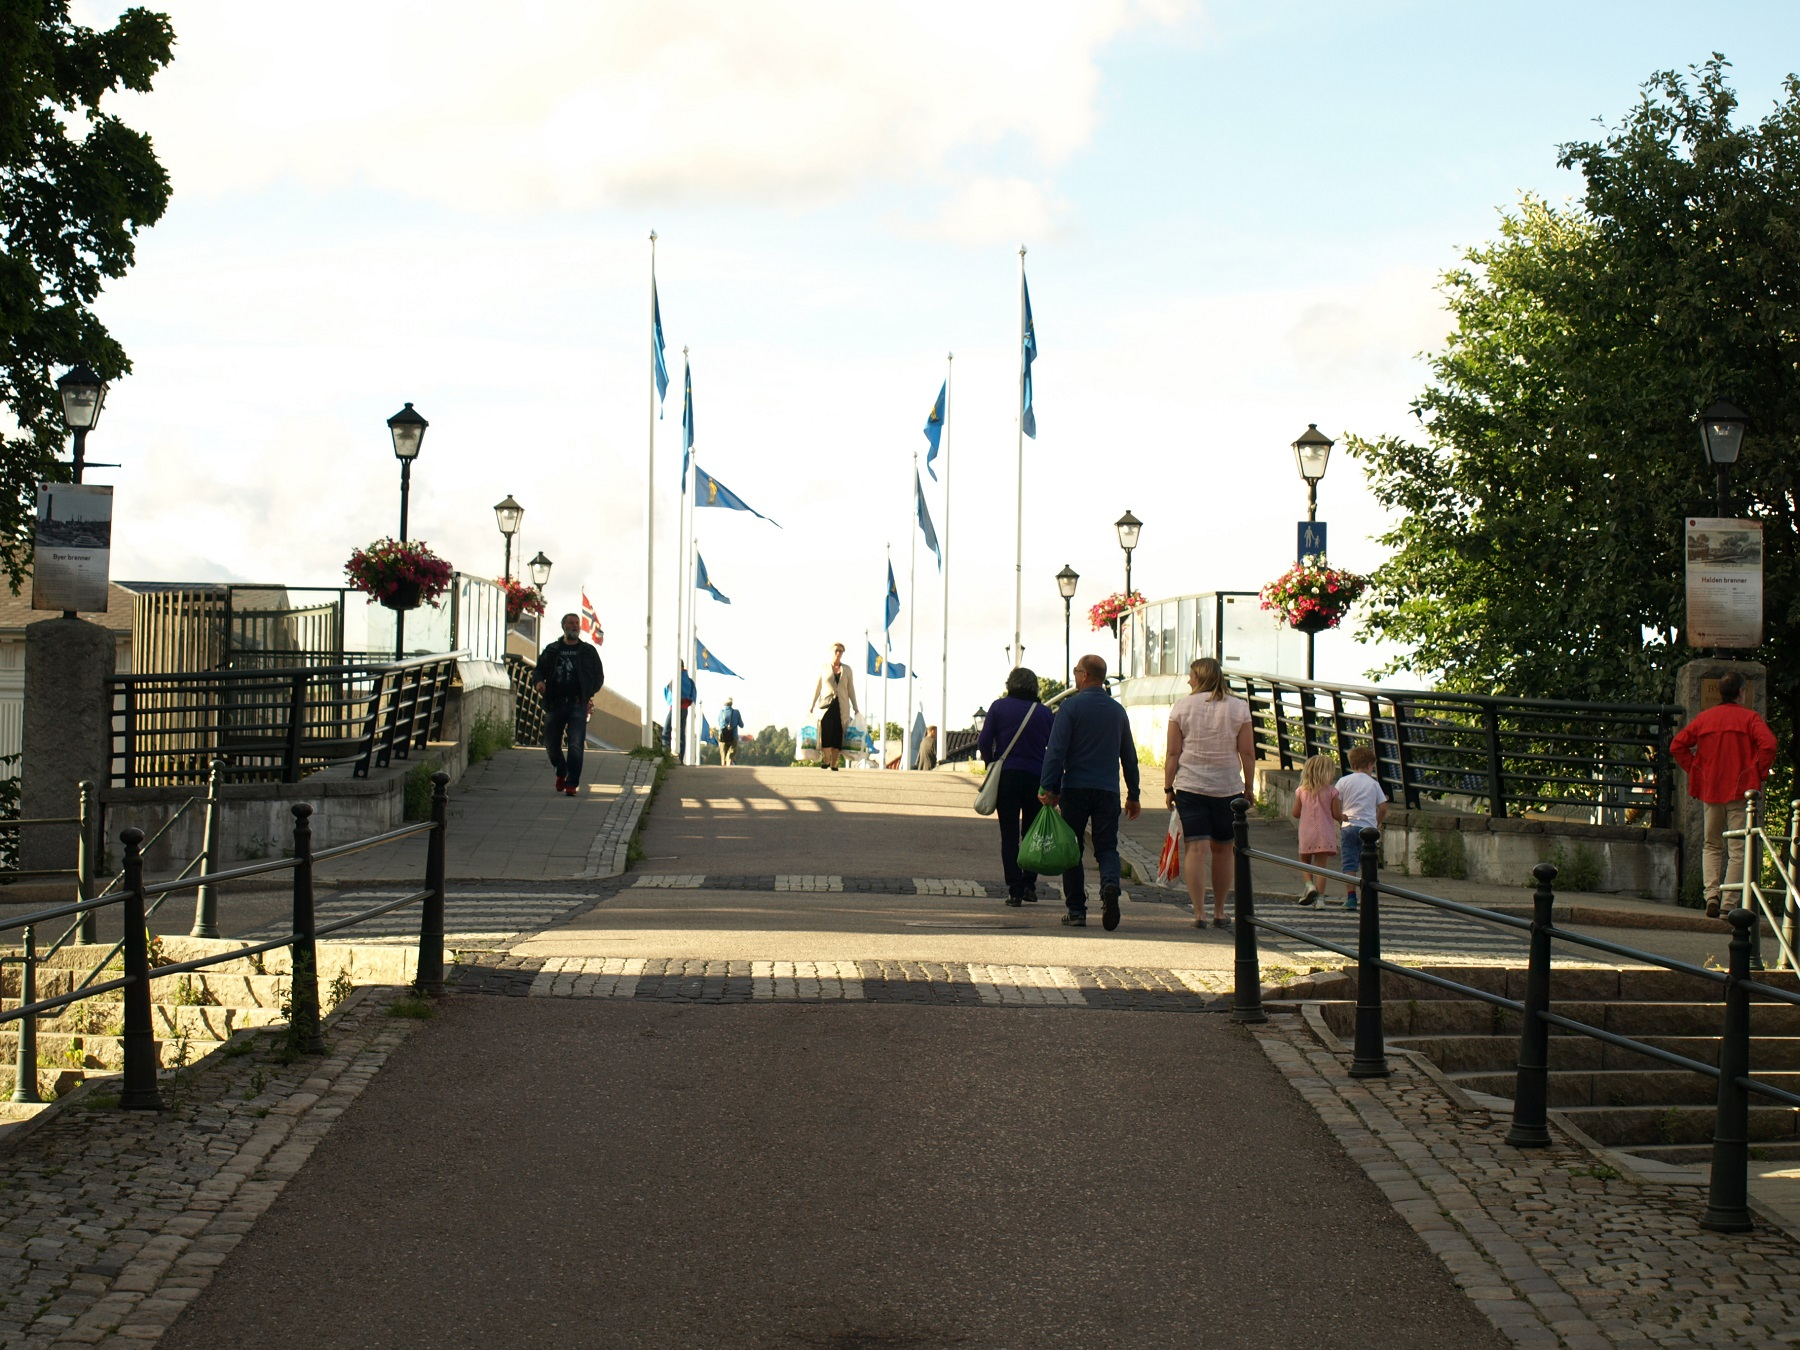 Ved å gå over bybroen får en se utstillingen. Foto: Bodil Andersson, Østfoldmuseene Halden historiske Samlinger